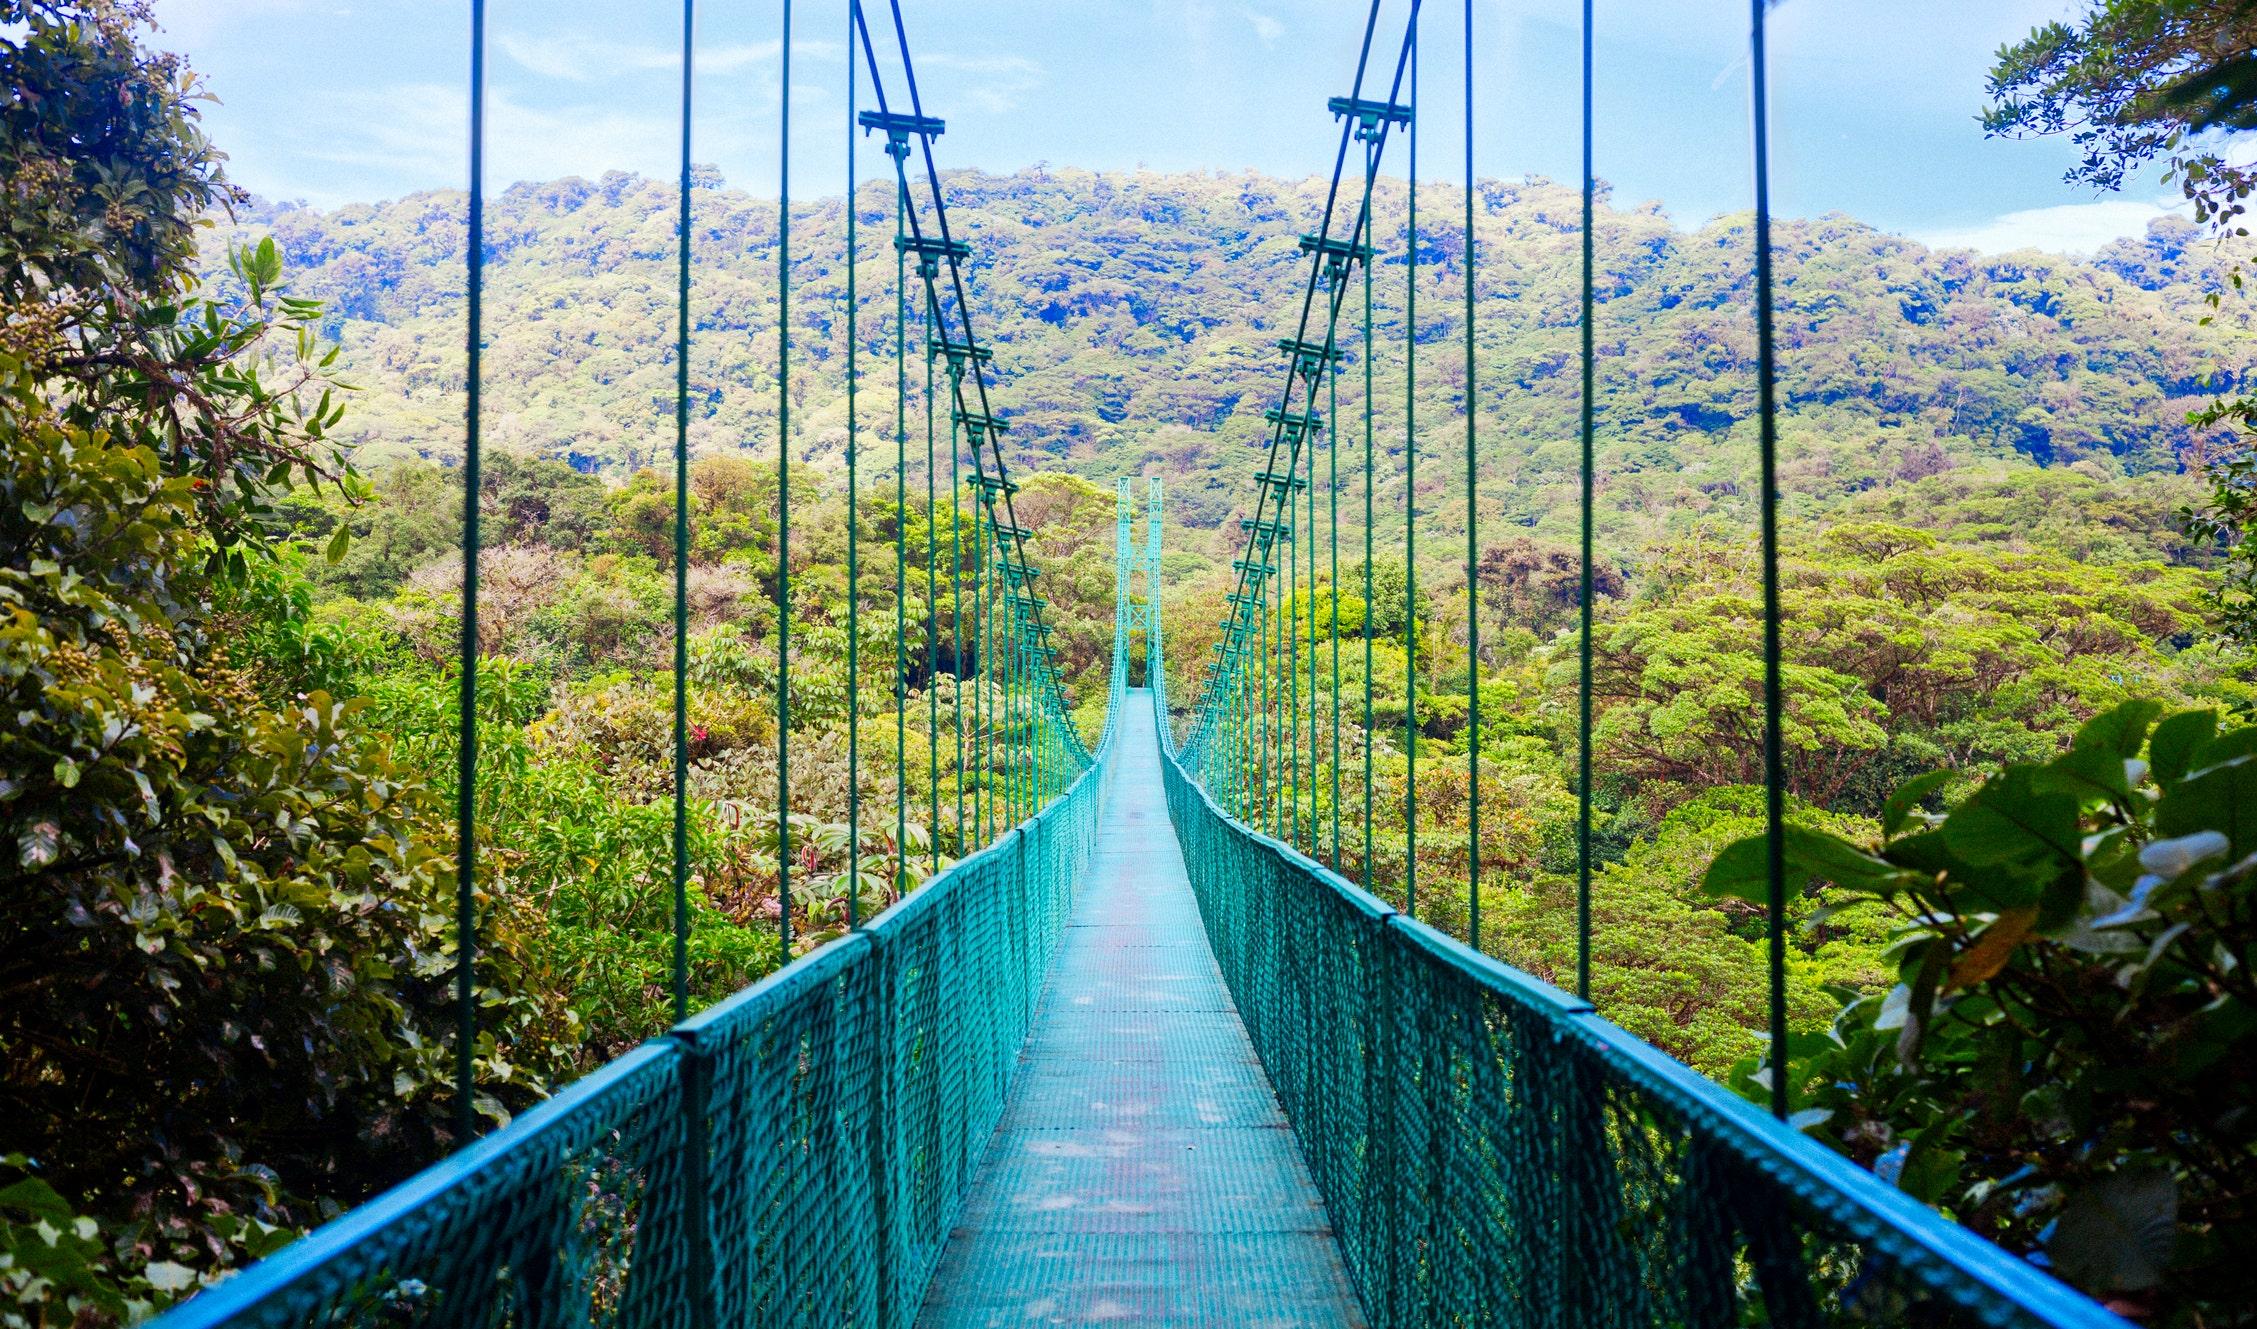 Tourist Deaths In Costa Rica Jeopardize Safe Destination